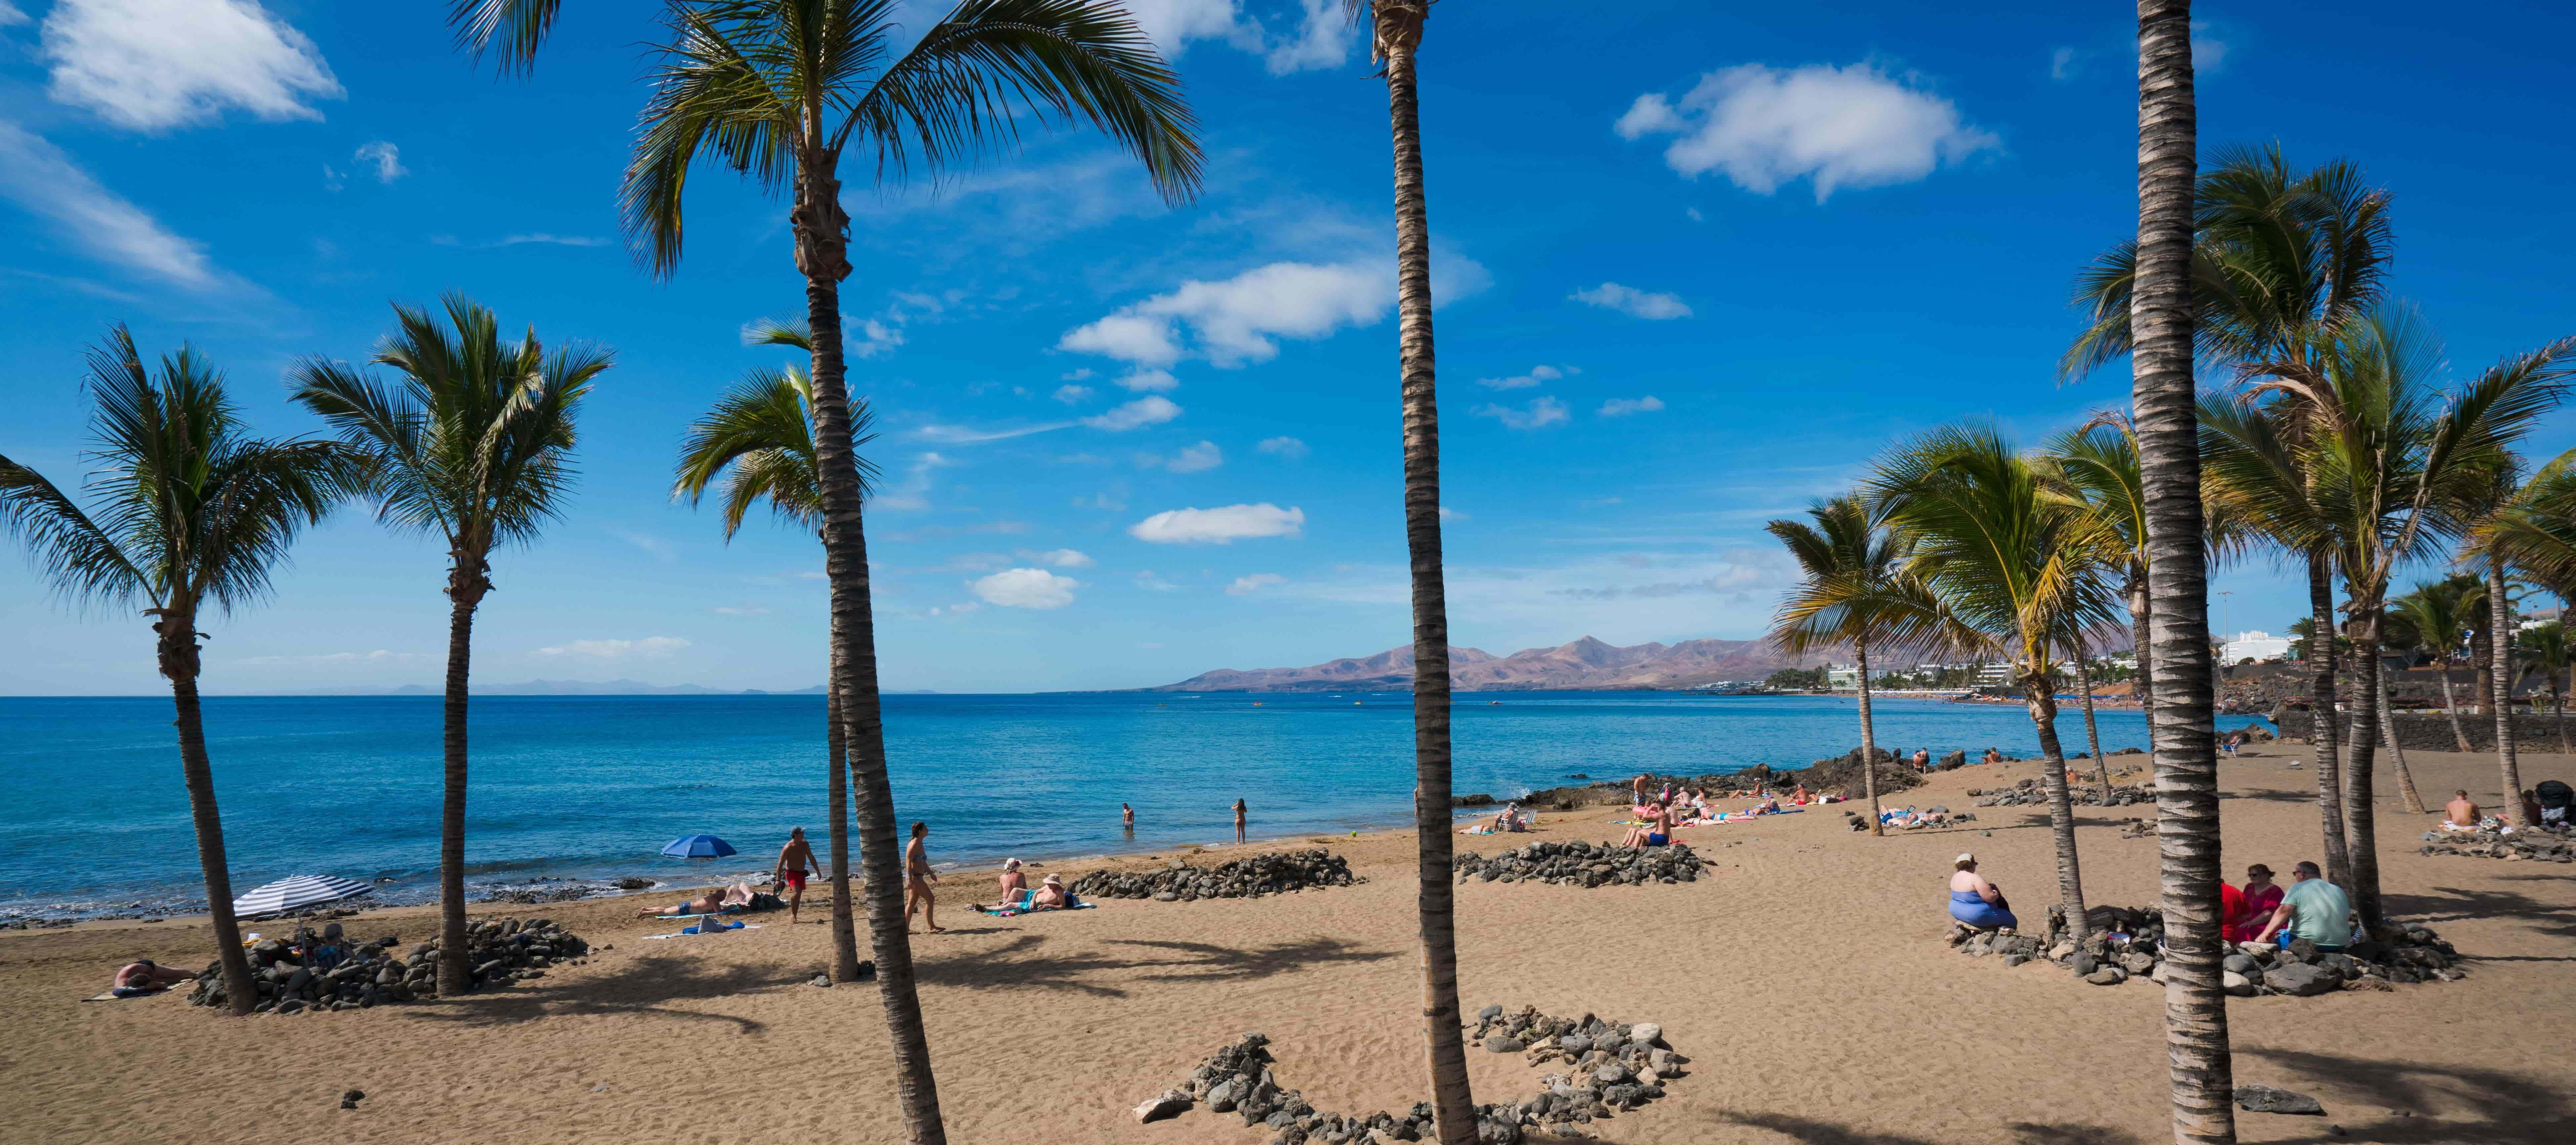 Playa Grande in Puerto del Carmen, Lanzarote